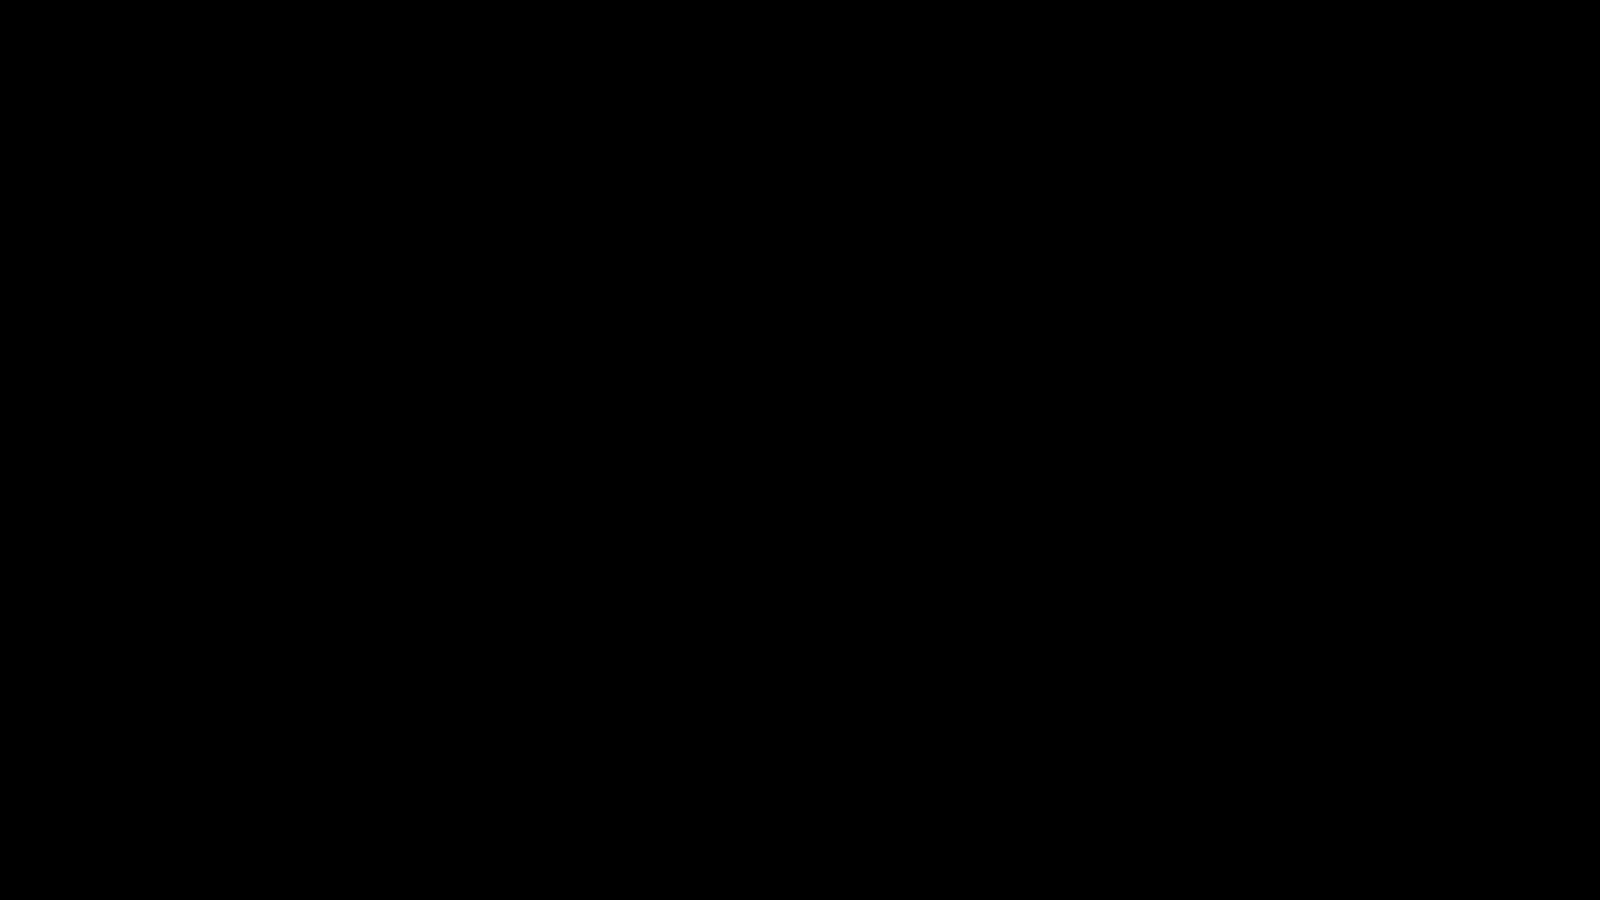 L'épisode 10 est en ligne ! Durant tout le Vendée Globe 2020, retrouvez l'analyse et les prévisions météo de notre métérologue Yann Amice en partenariat avec Agate Météo. Suivez les skippers, l'évolution des conditions et les défis auxquels ils devront faire face ⛵️  Toute la météo du sport sur 👉 https://www.sportrizer.report/ Retrouvez-nous aussi sur Facebook 👉 https://www.facebook.com/SportRIZER.report Vous aimez ? Abonnez-vous à notre chaîne 👉 http://bit.ly/308rmZp  Et pour Agate Météo, c'est par ici 👉 http://www.agate-france.com/